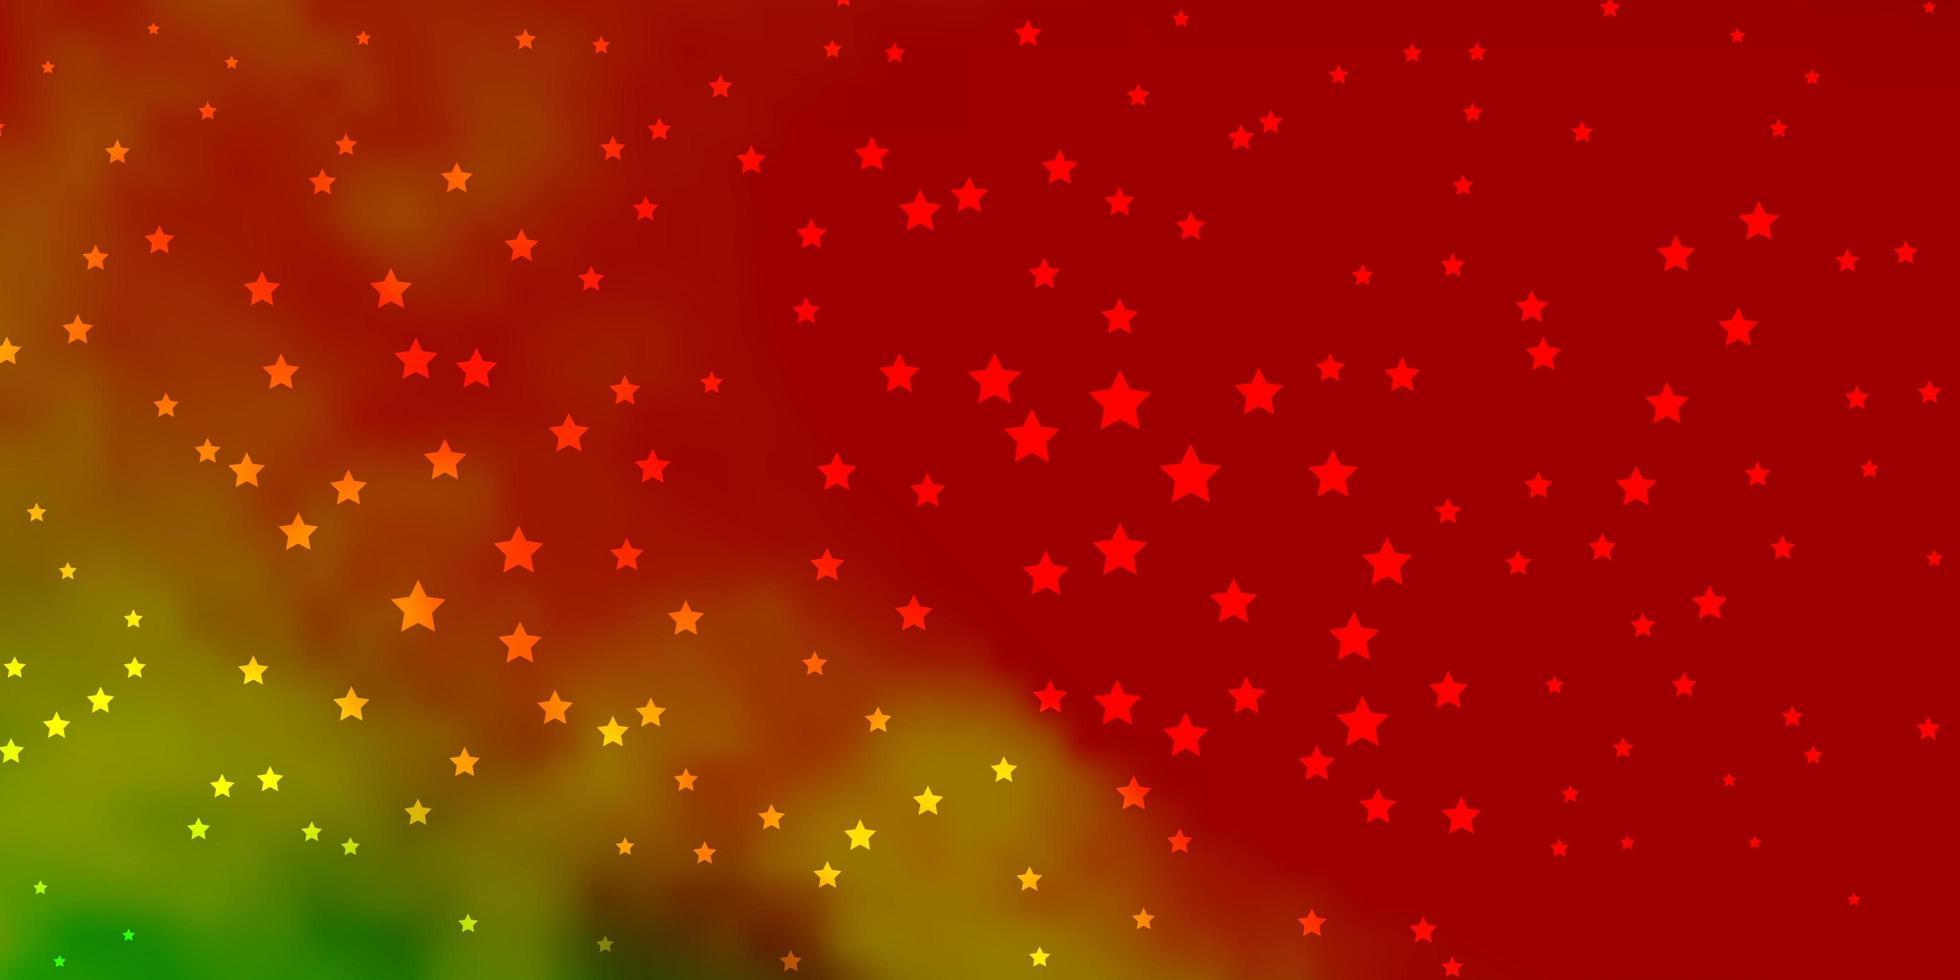 diseño de vector multicolor oscuro con estrellas brillantes.